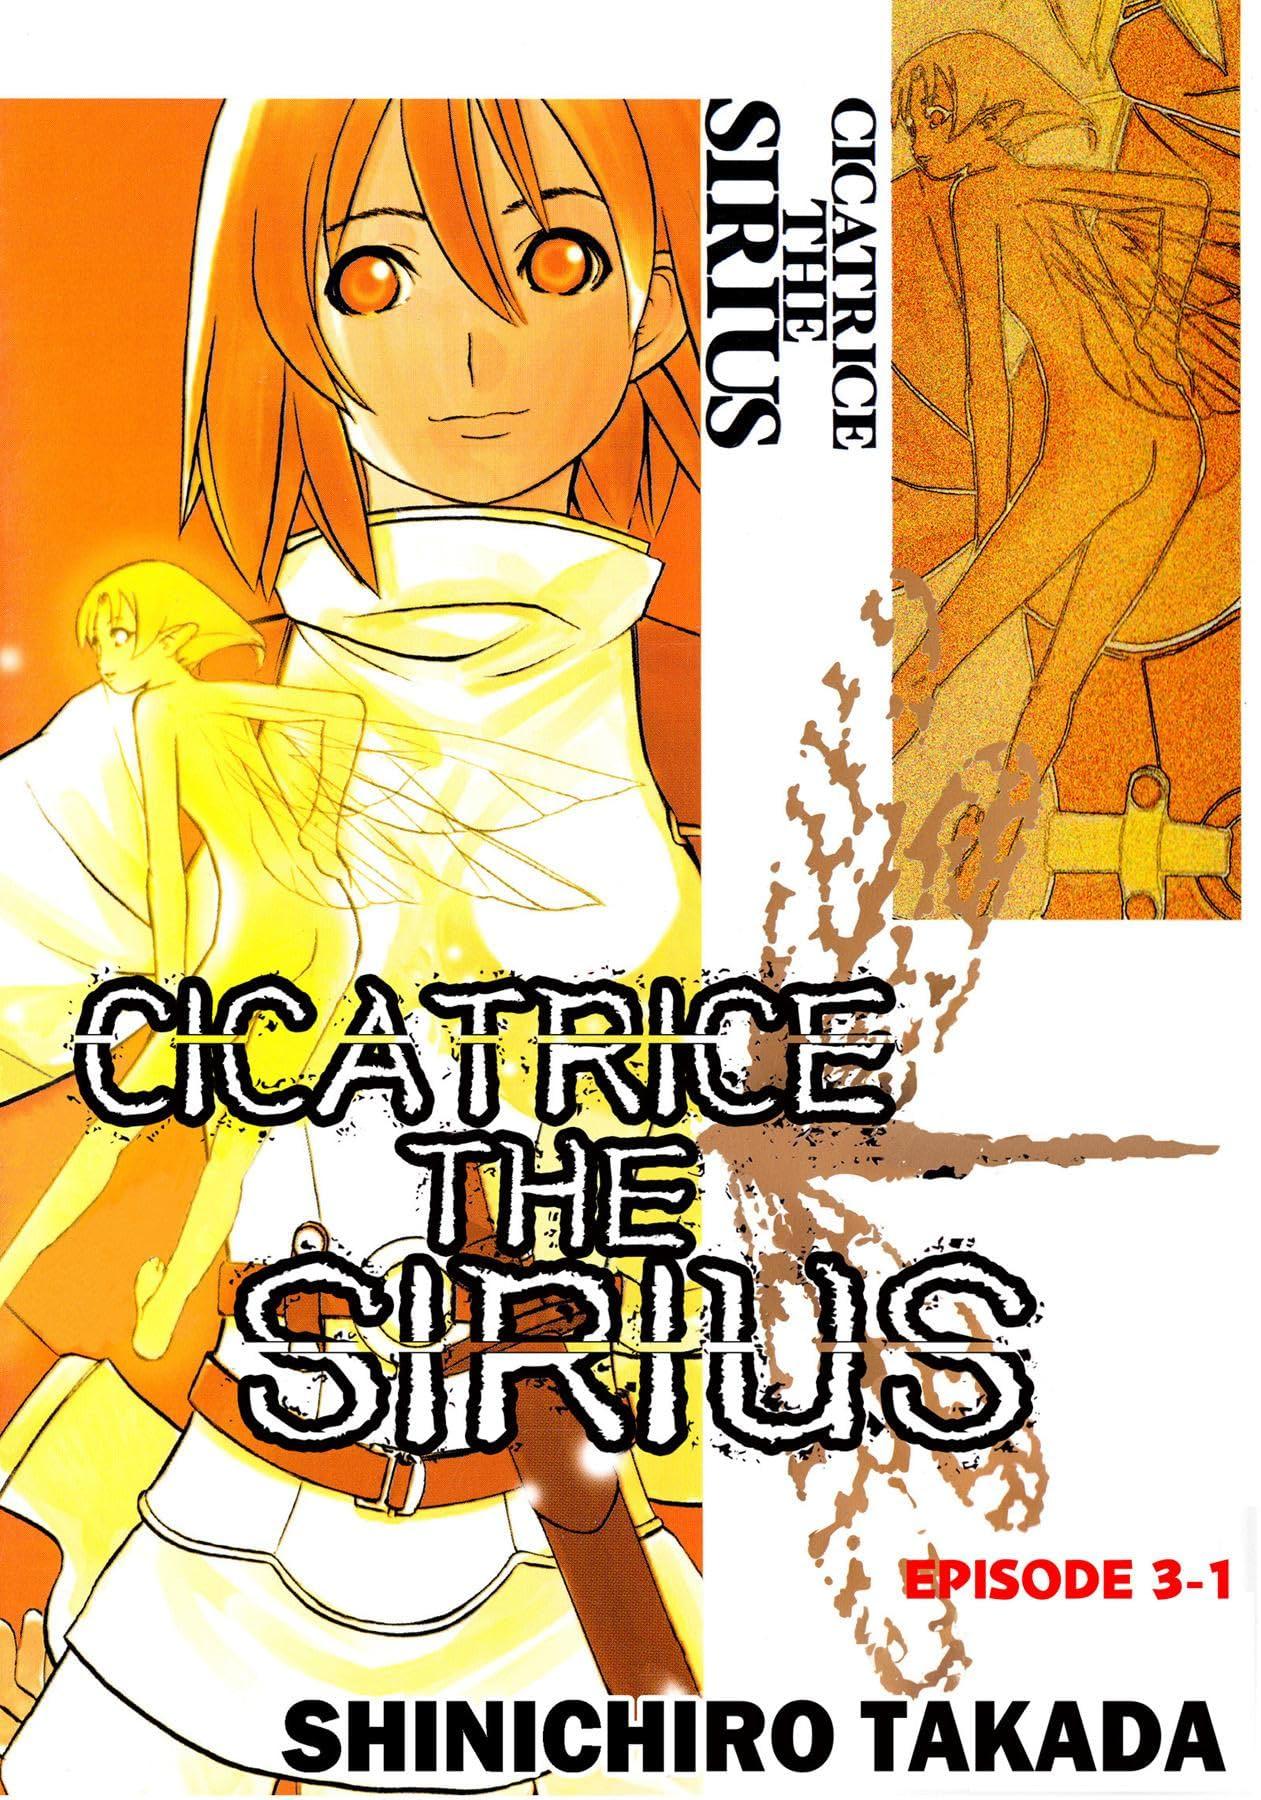 CICATRICE THE SIRIUS #15